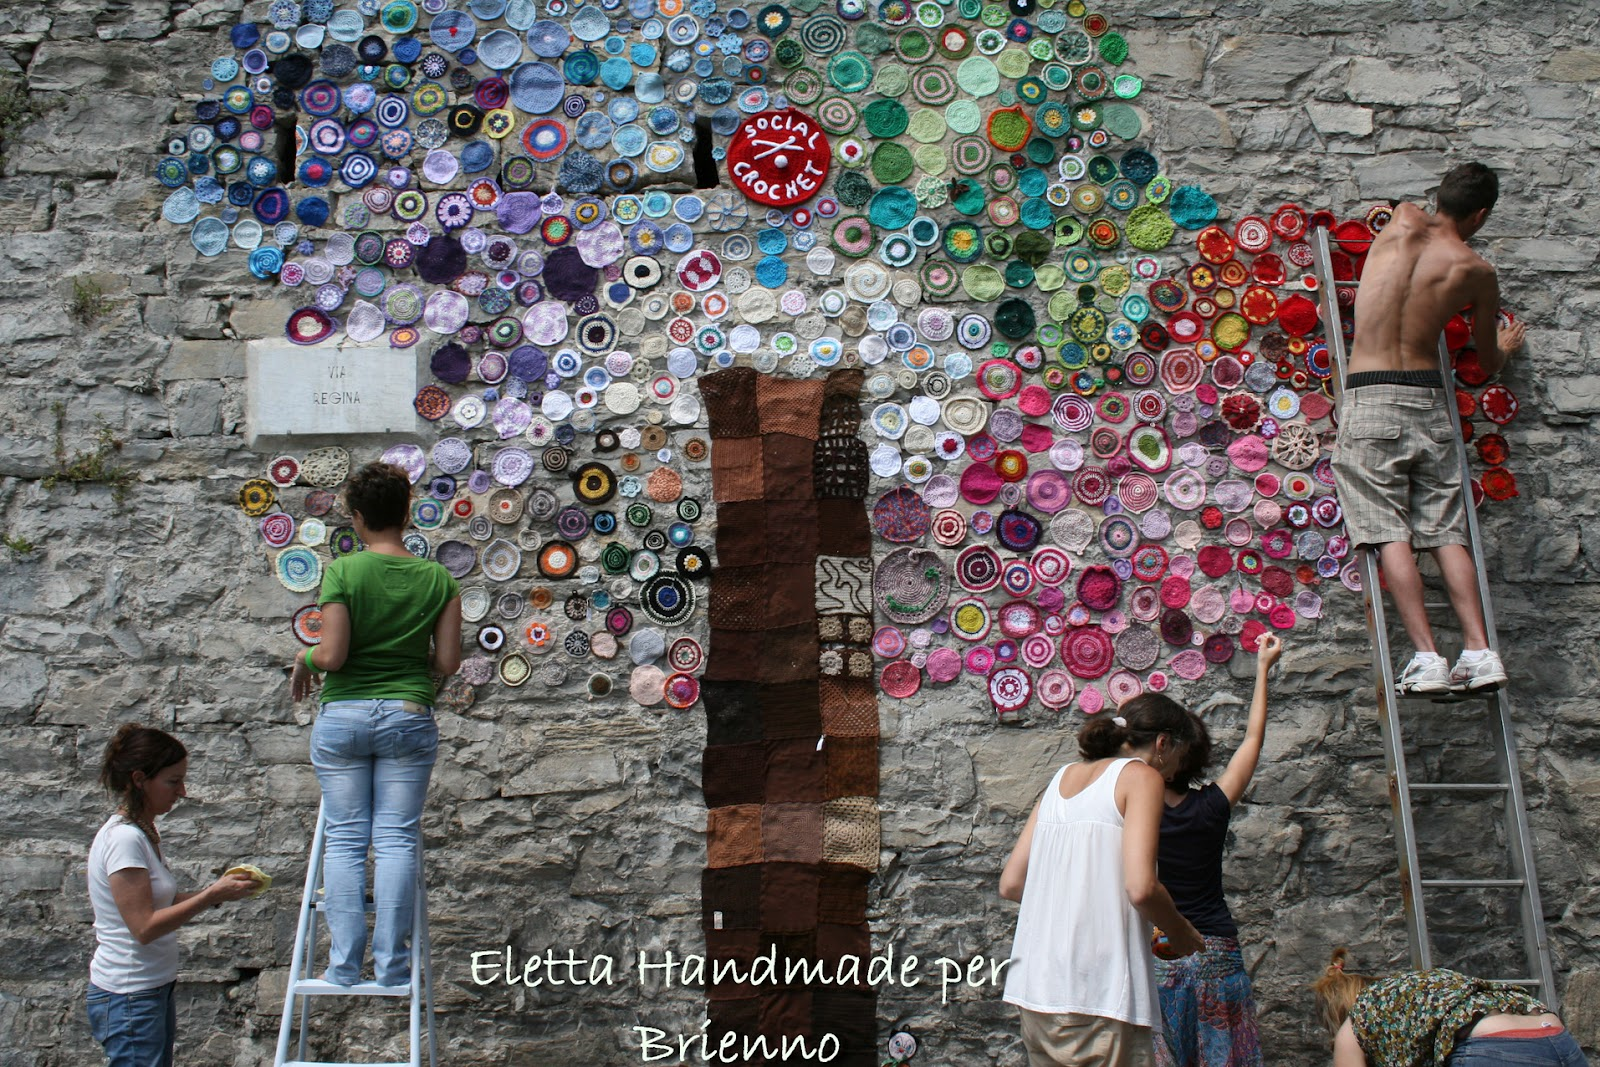 l'albero dell'allestimento di Urban Knitting a Brienno - luglio 2012